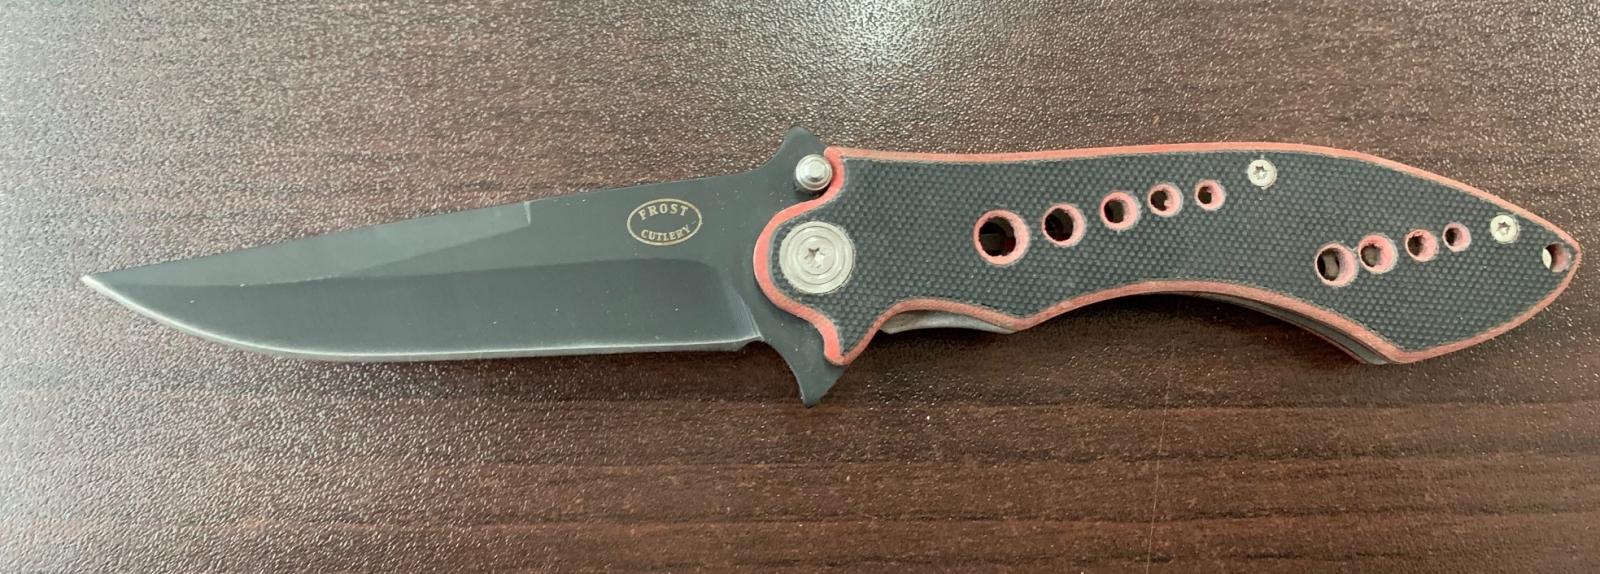 Практичный складной нож с рифленой рукоятью